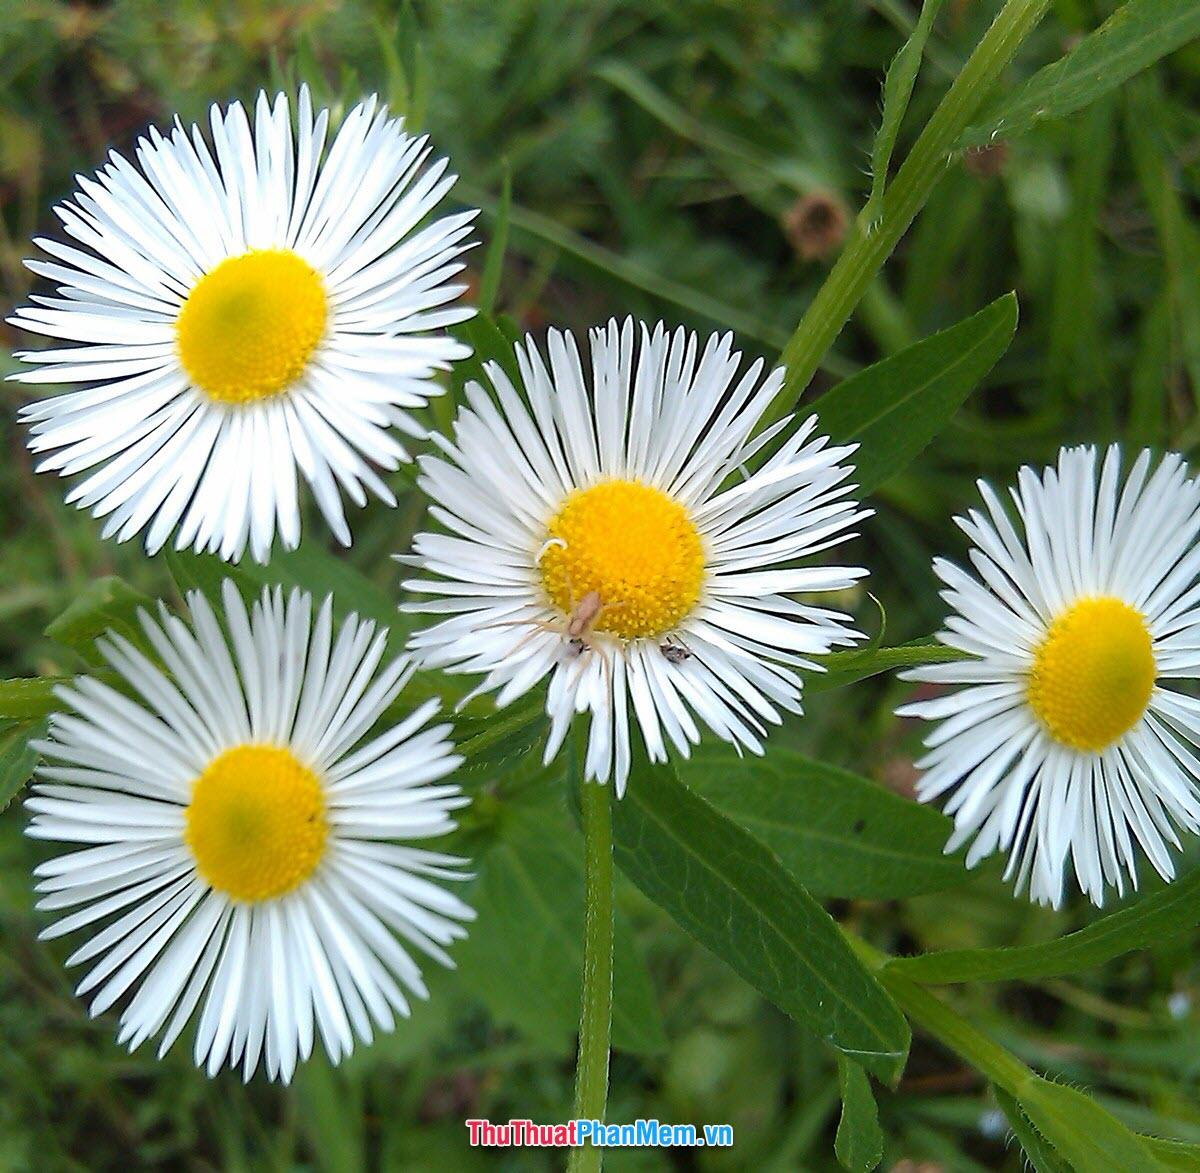 Hoa thạch thảo trắng dành tặng vợ và người yêu vào ngày quốc tế phụ nữ